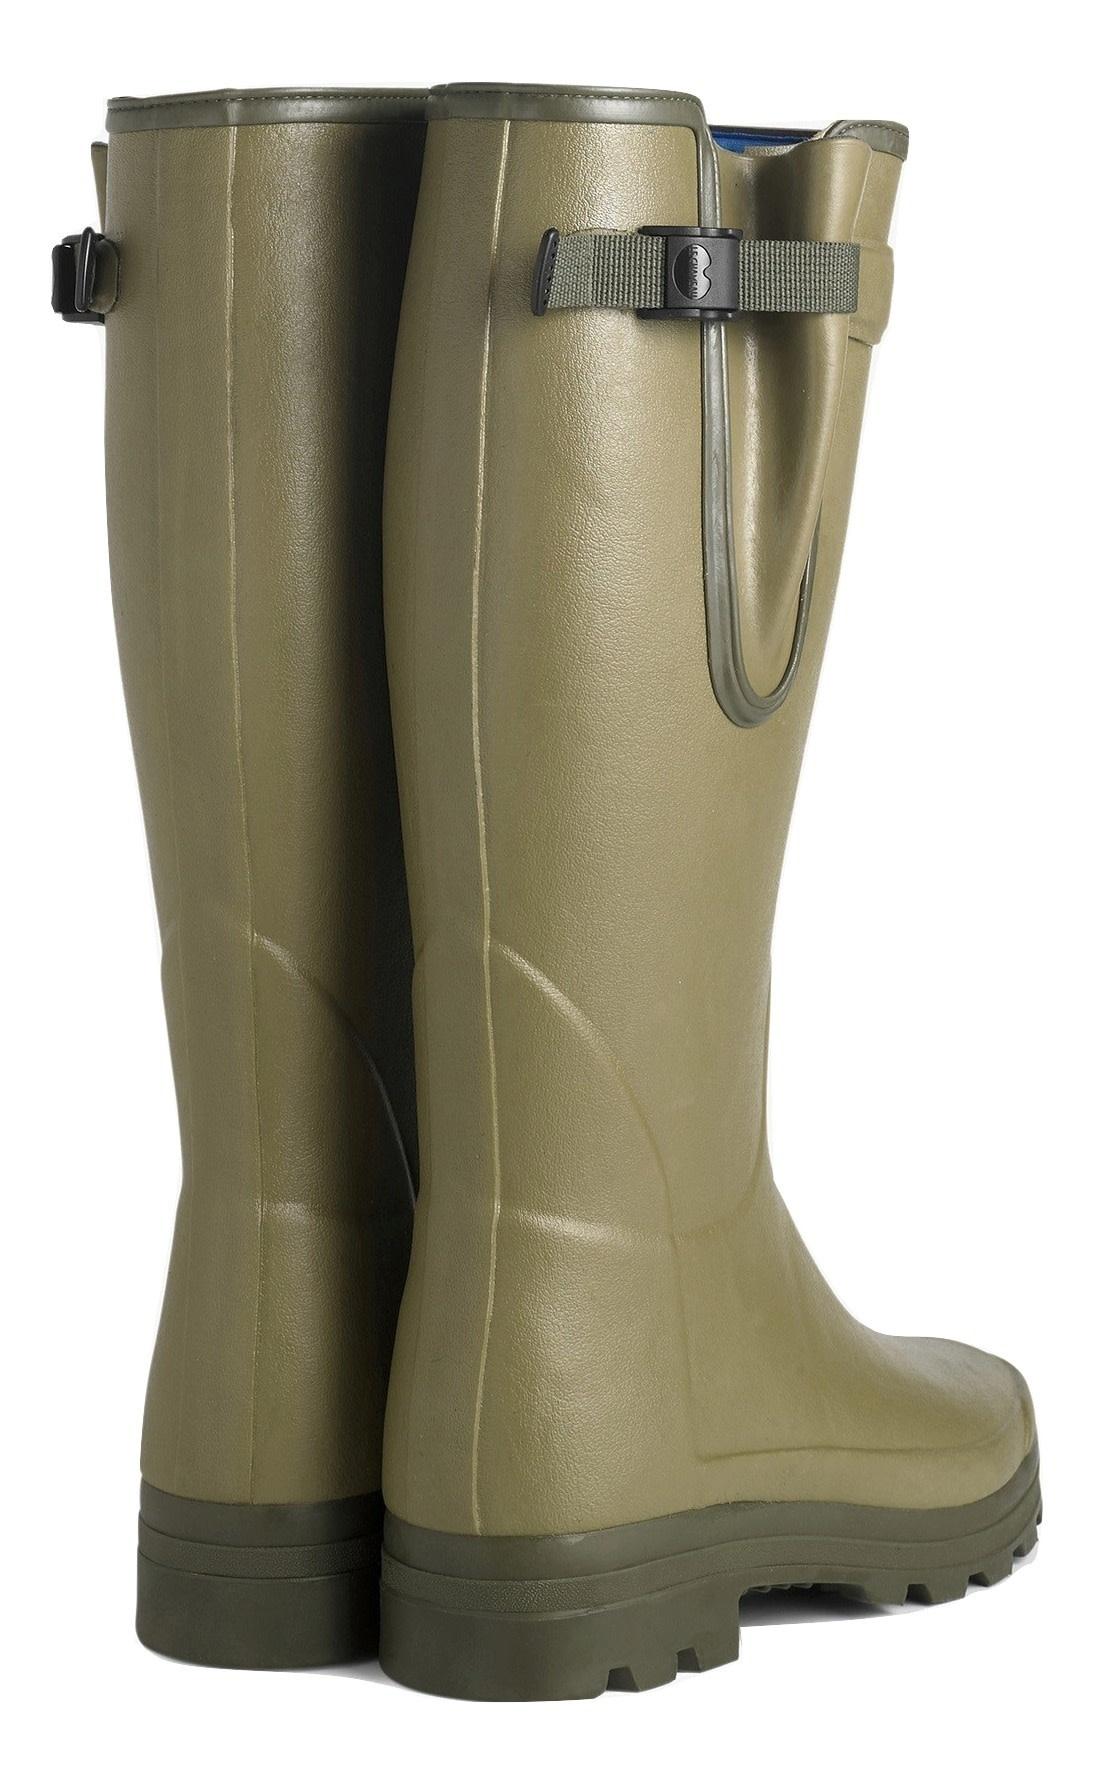 Le Chameau Men's Vierzonord Neoprene Lined Boot Vert Vierzon-3